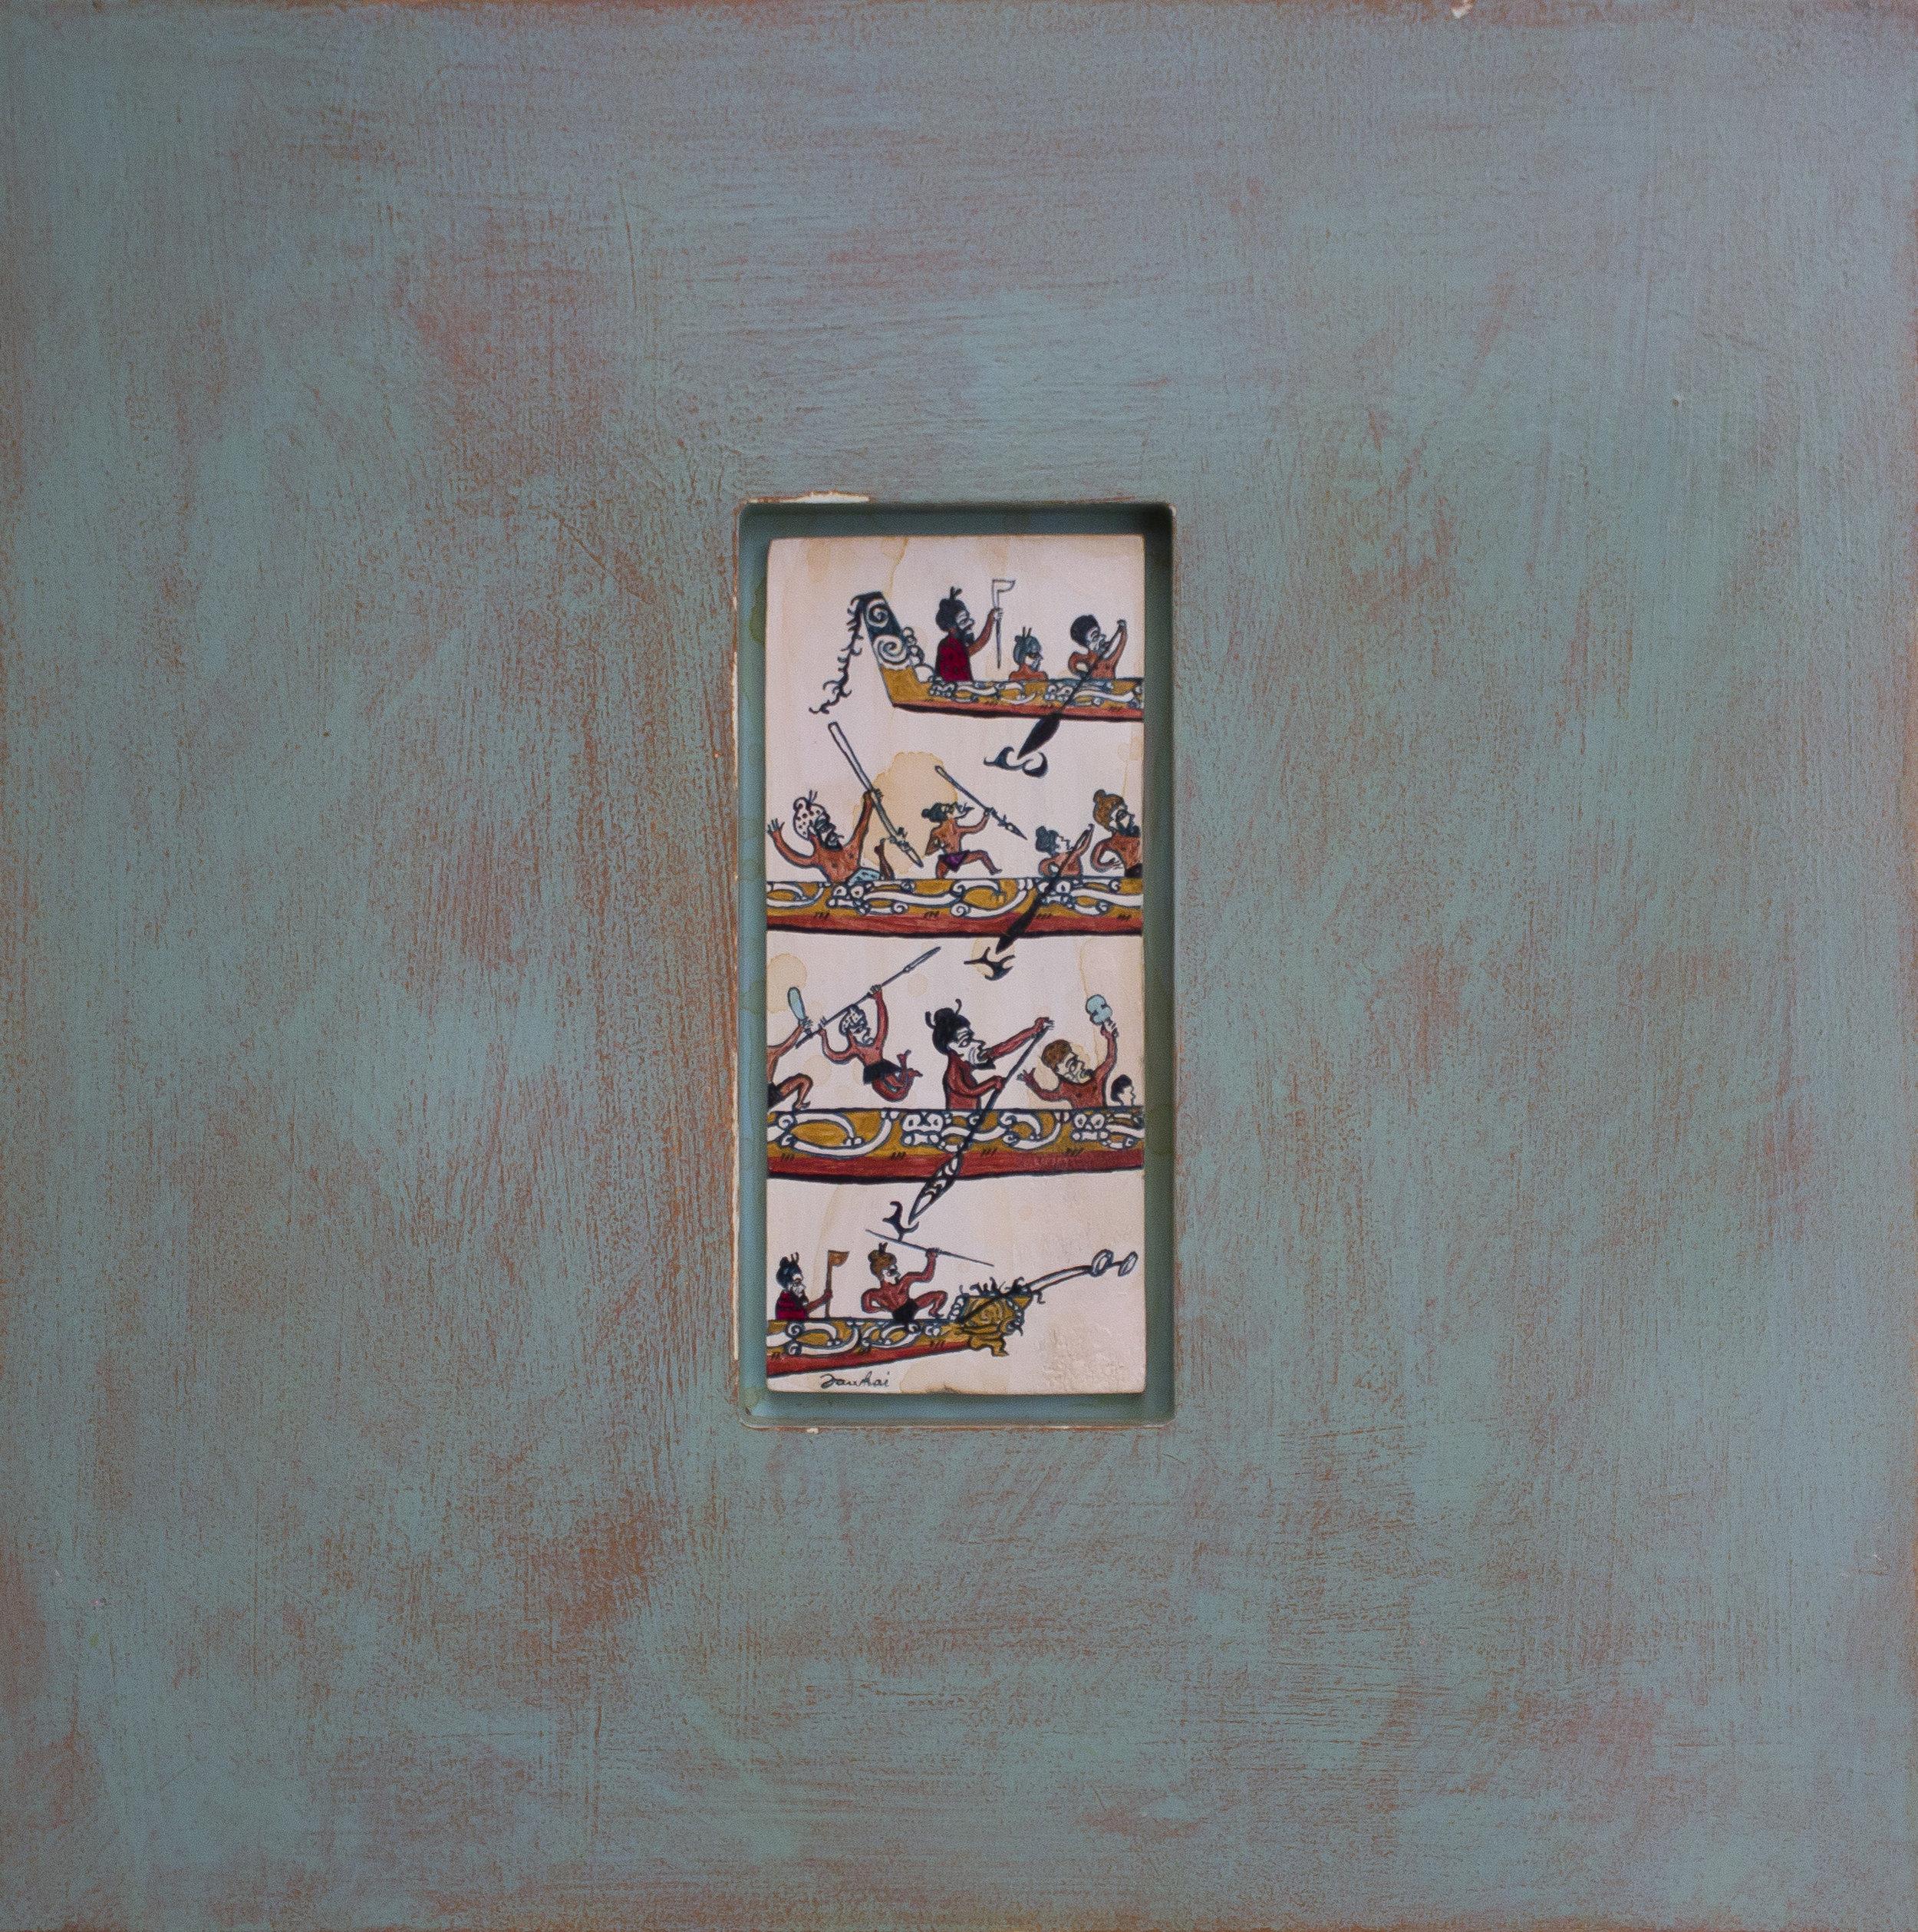 Ehara taku toa, he takitahi, he toa takitini, 2016 380 x 380 x 35mm    This work represents accomplishment through unity.